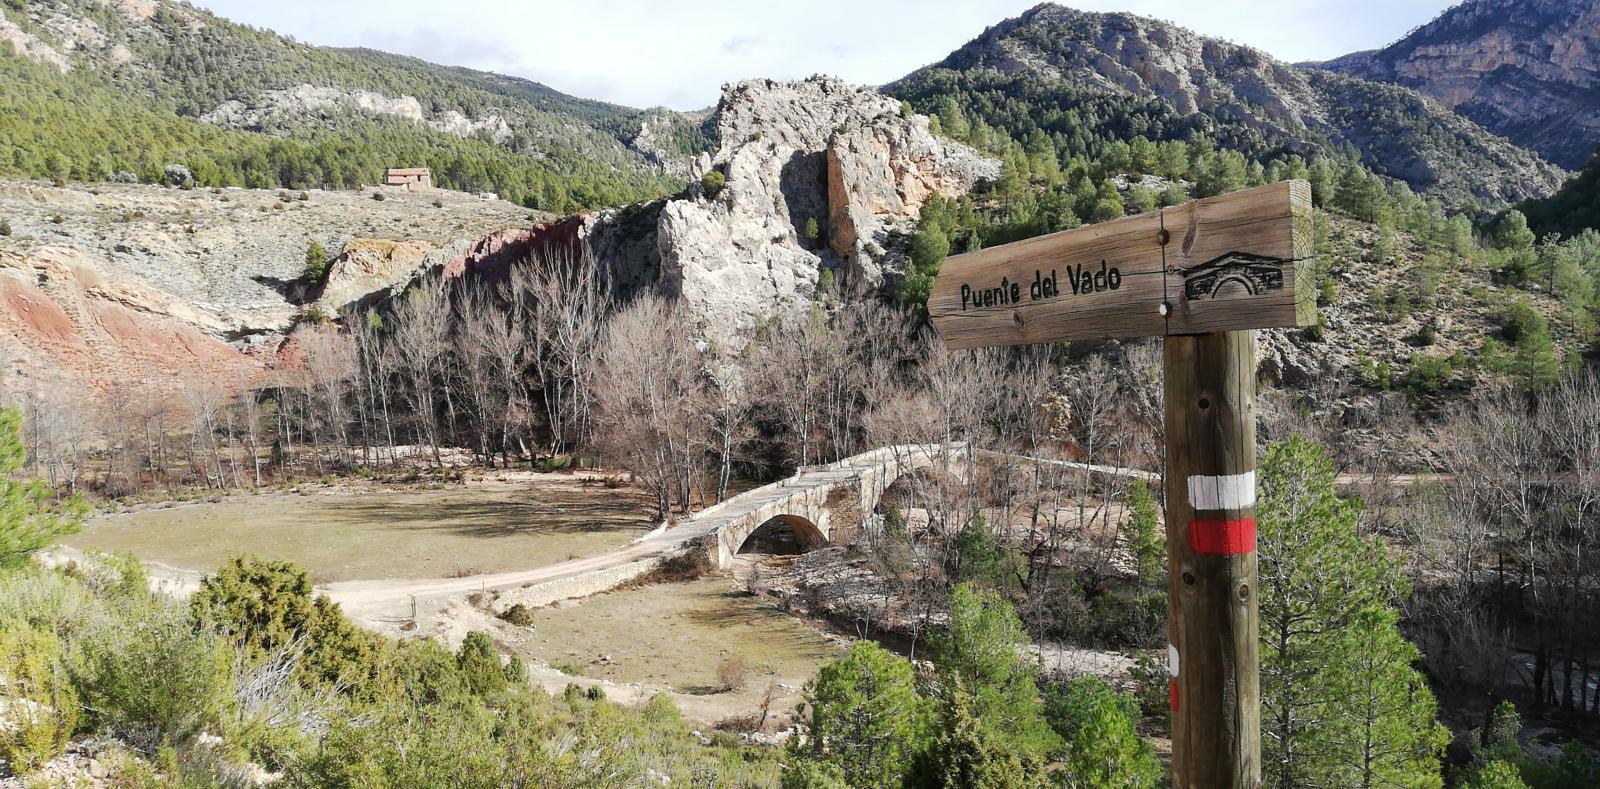 Puente del Vado - Teruel